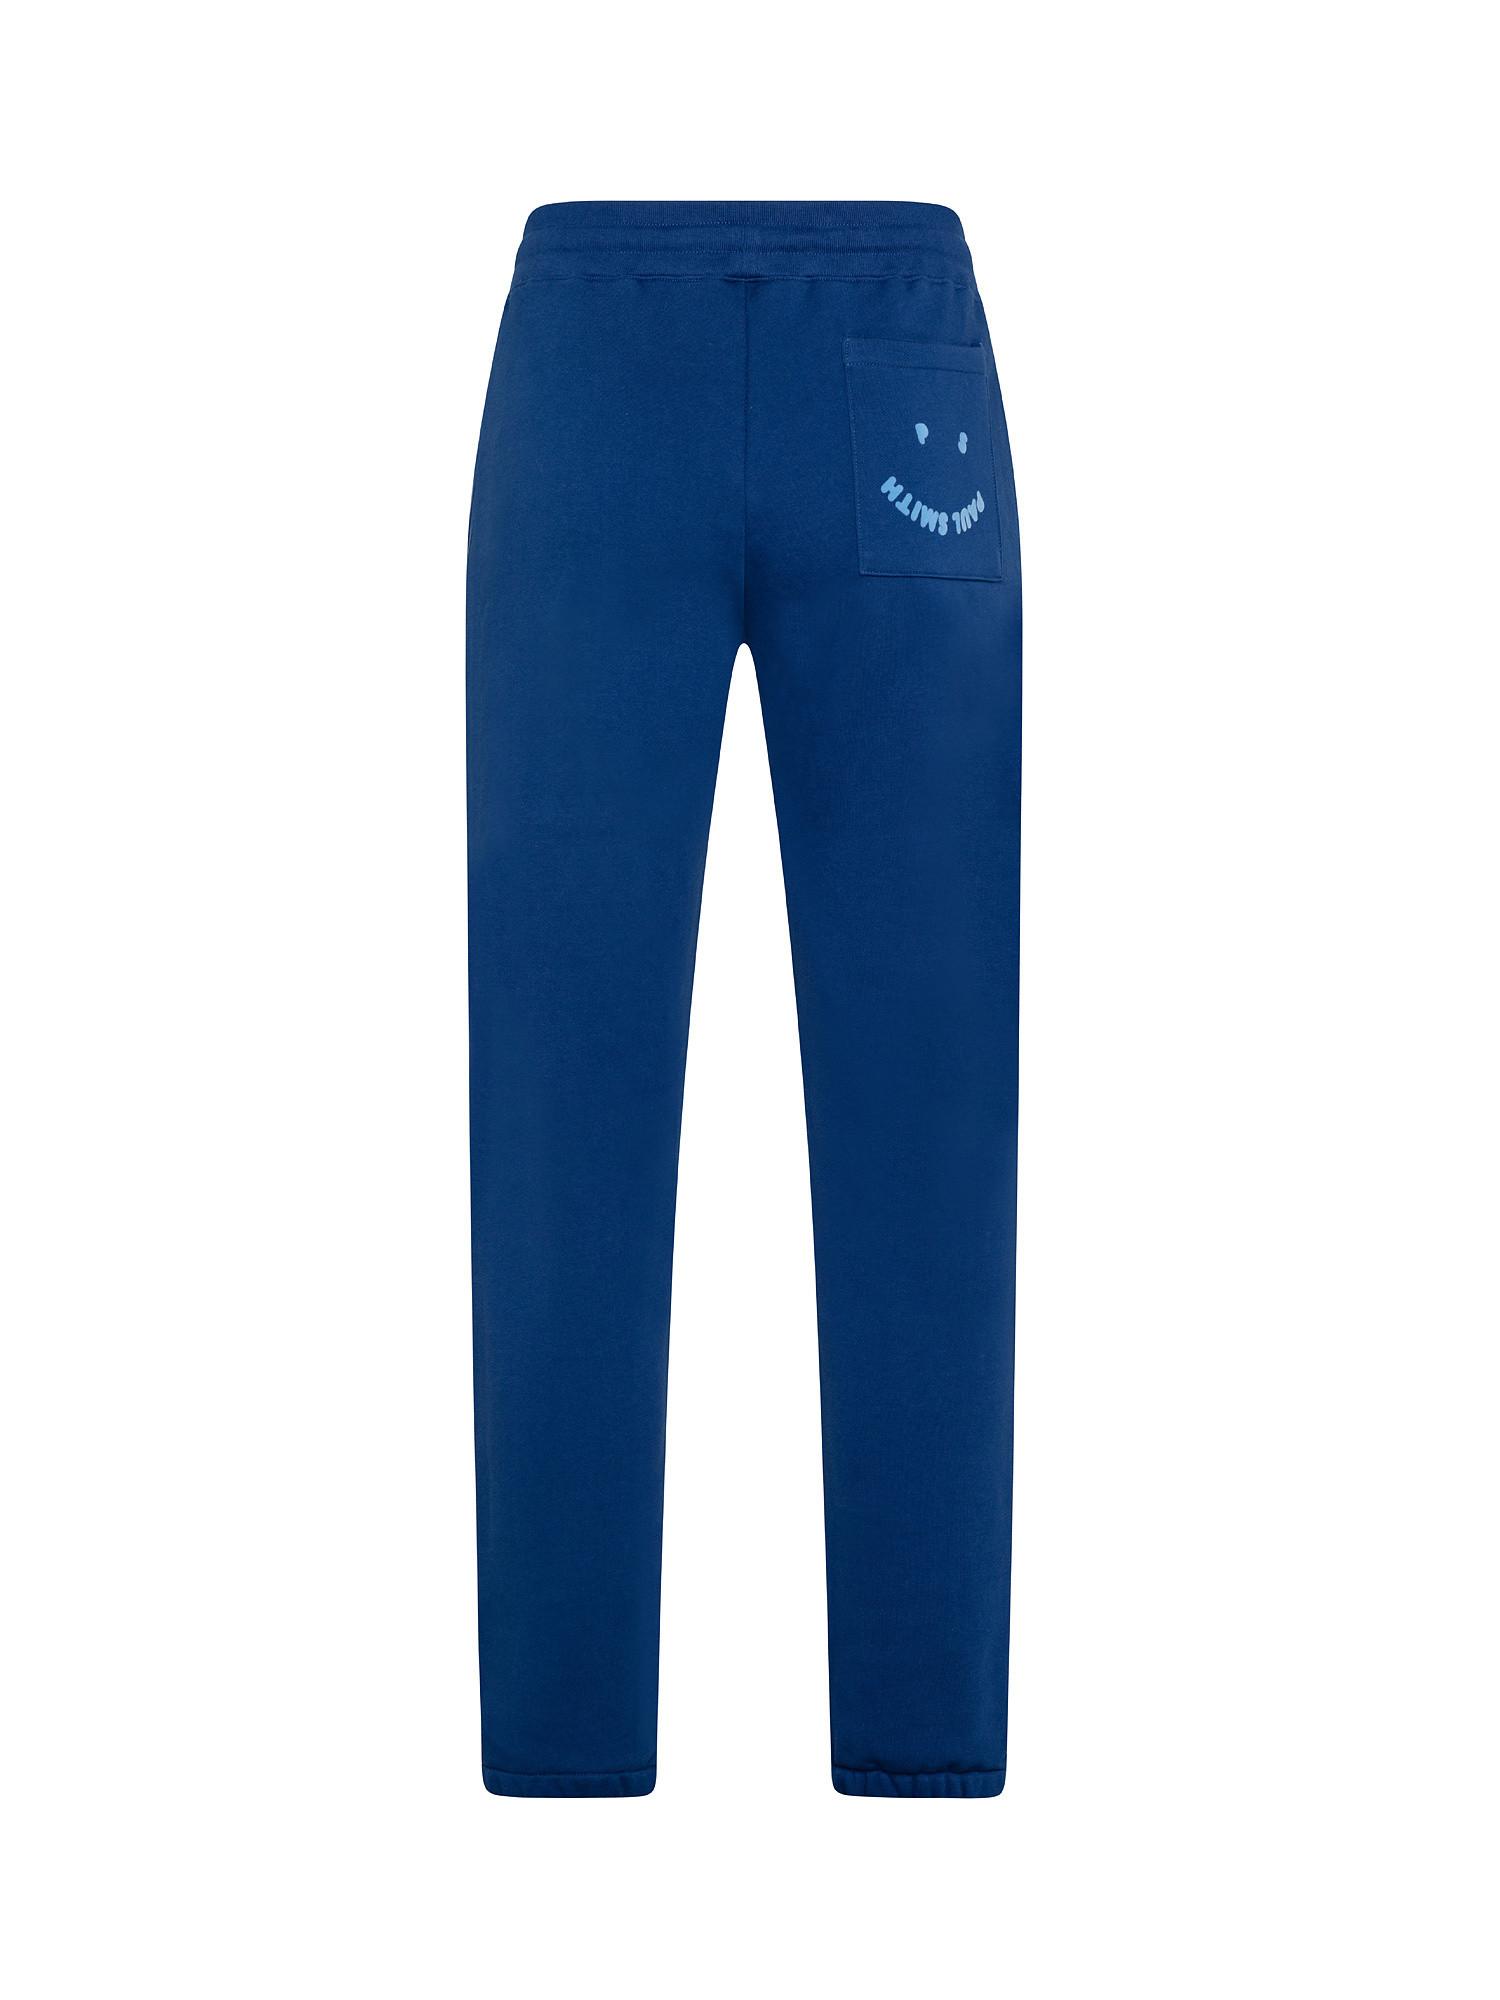 Pantaloni uomo tuta stampa 'Happy', Blu, large image number 1